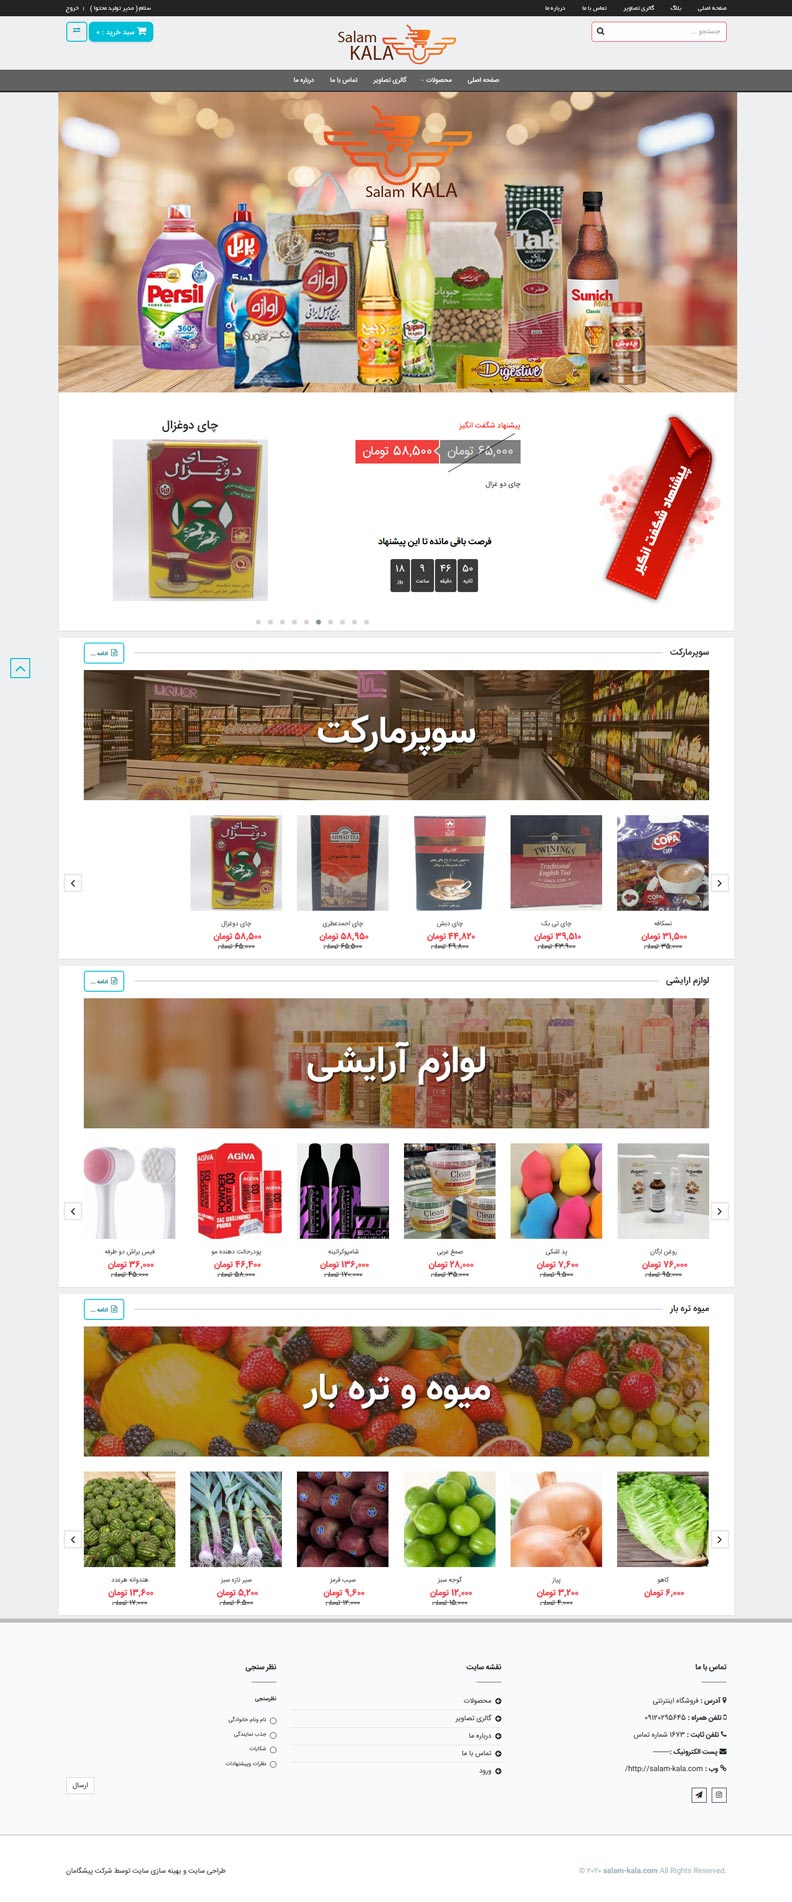 طراحی سایت فروشگاهی سلام کالا